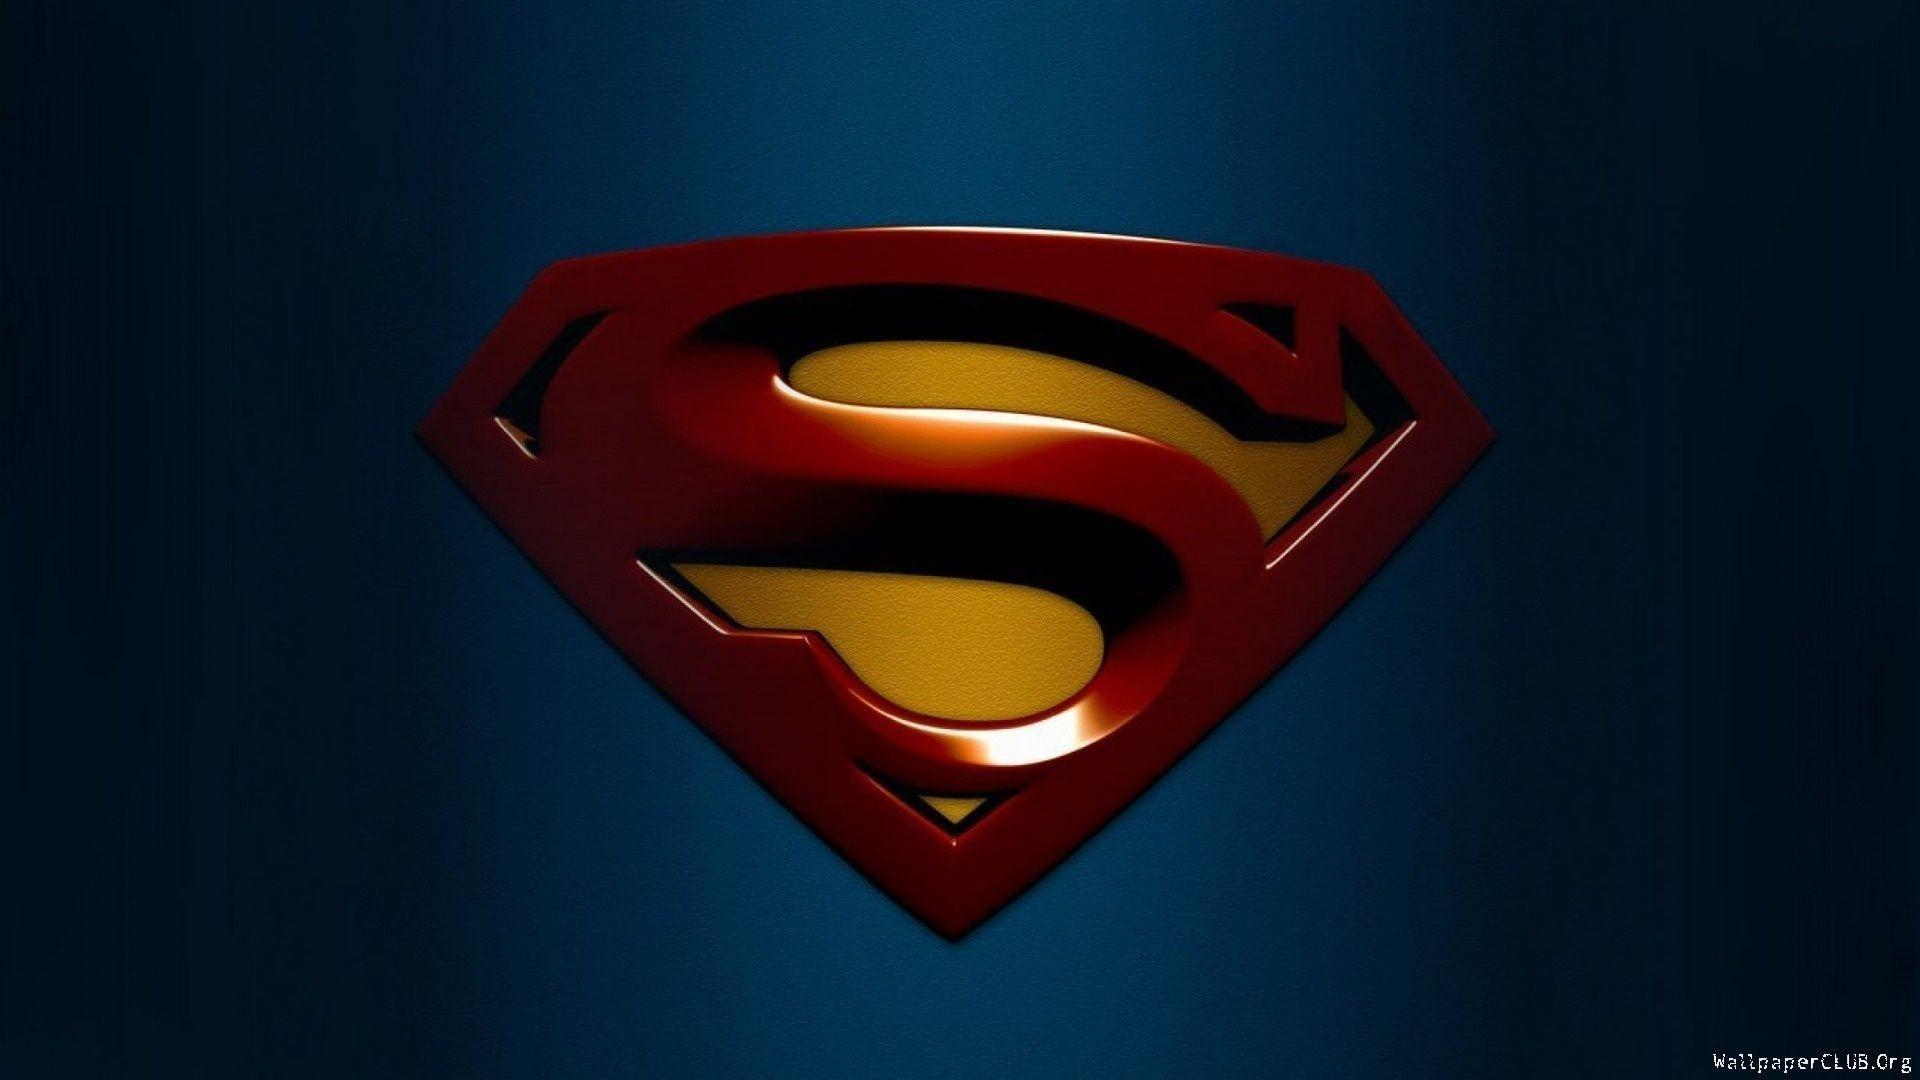 Superman wallpaper hd 1920x1080 63 images 1920x1080 superman logo wallpaper hd 1920x1080 69388 images and voltagebd Gallery